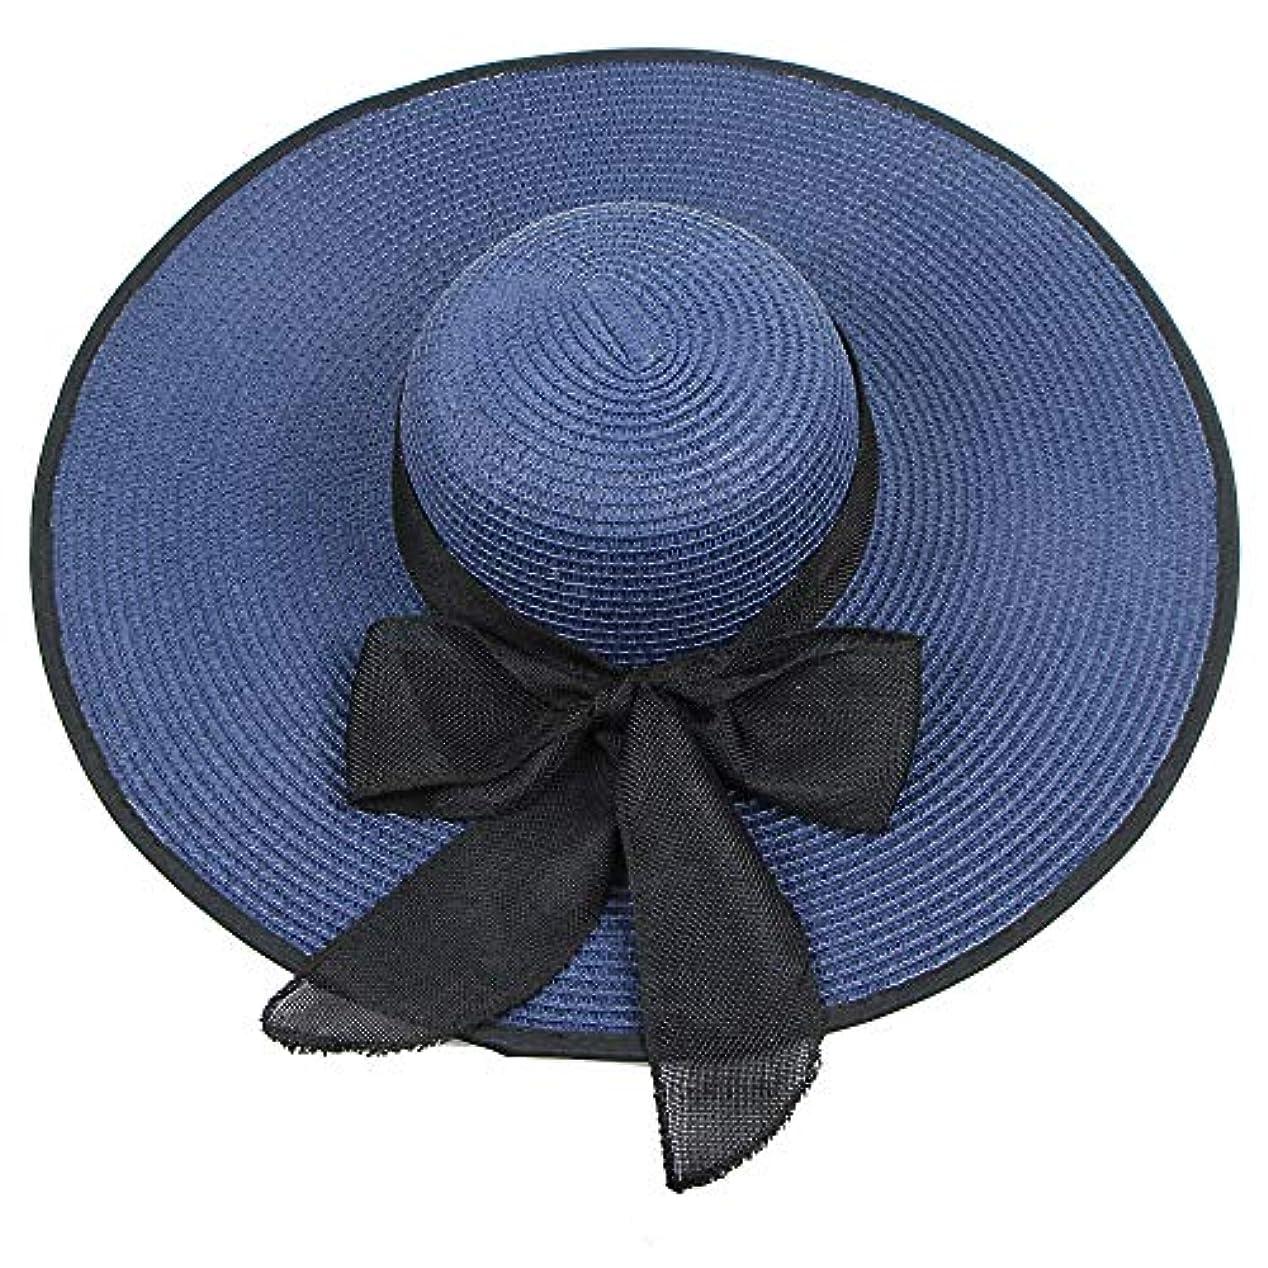 積極的に楕円形水星UVカット 帽子 ハット レディース つば広 折りたたみ 持ち運び つば広 調節テープ 吸汗通気 紫外線対策 おしゃれ 可愛い ハット 旅行用 日よけ 夏季 女優帽 小顔効果抜群 花粉対策 小顔 UV対策 ROSE ROMAN